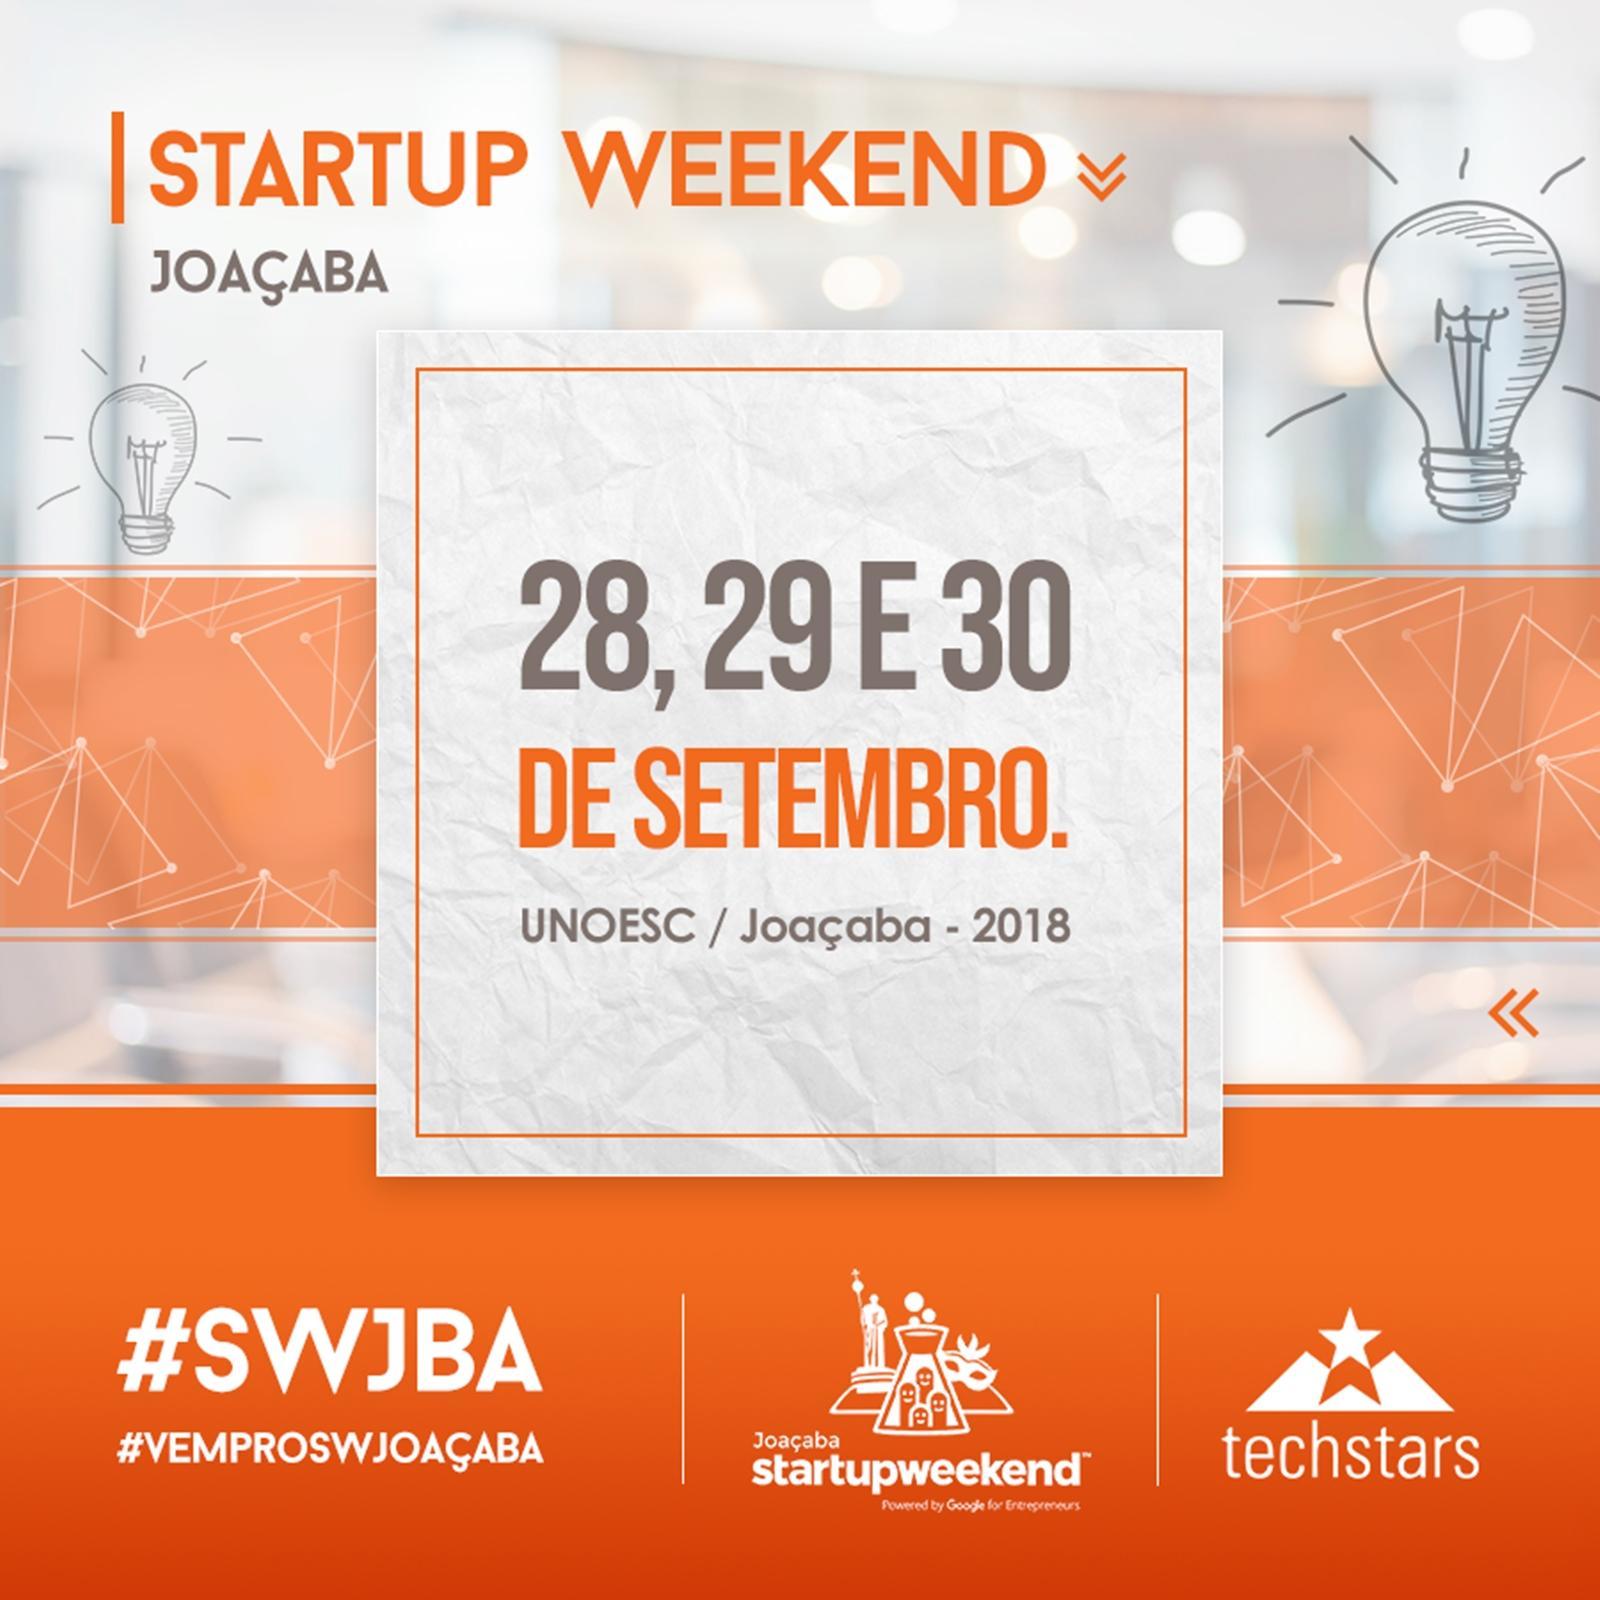 Prazo de inscrições para o Startup Weekend encerram nesta sexta-feira (21)